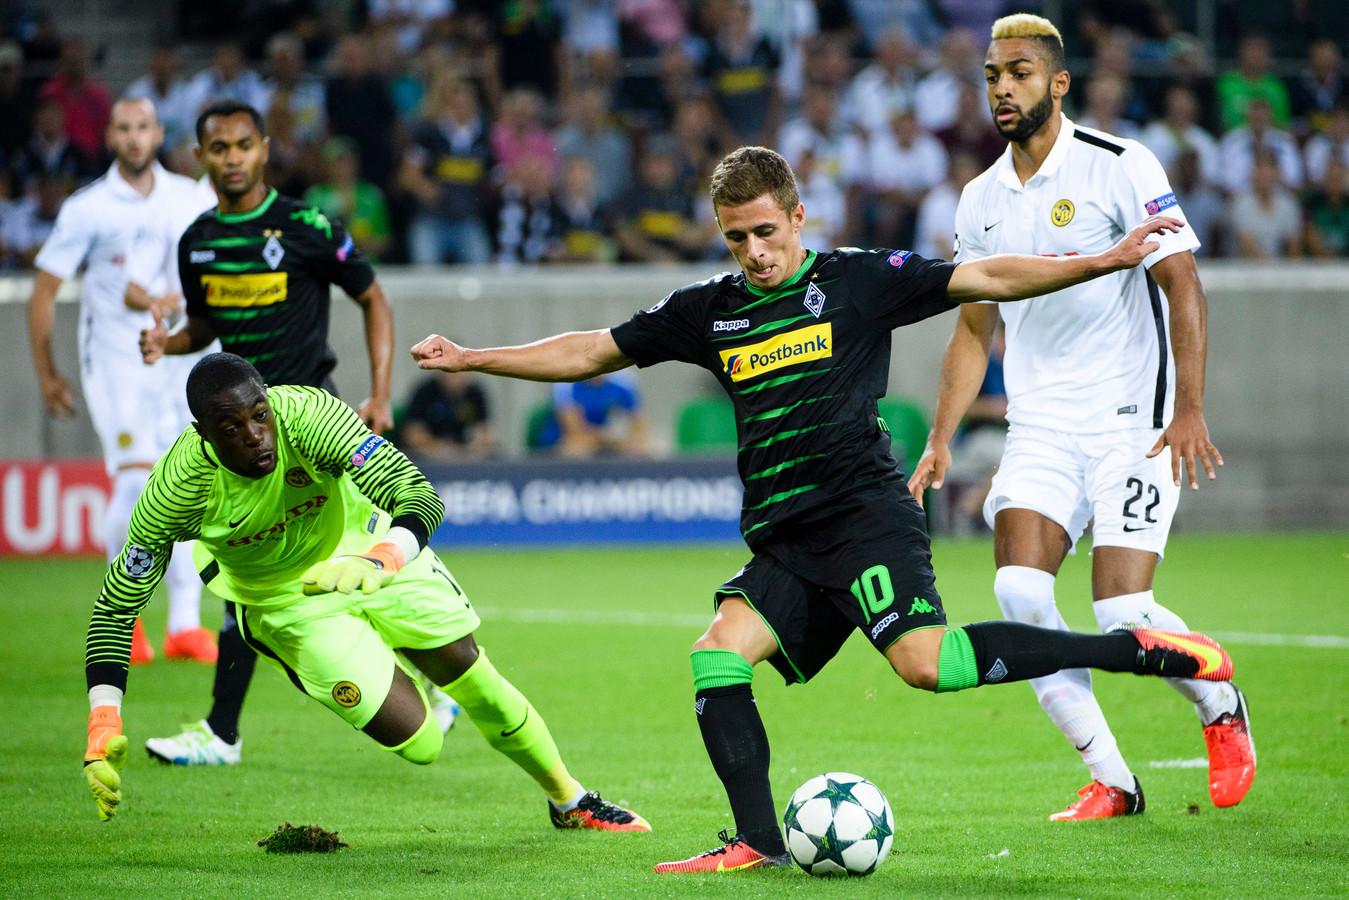 Yvon Mvogo wordt in 2016 namens Young Boys gepasseerd door Thorgan Hazard van Borussia Mönchengladbach.